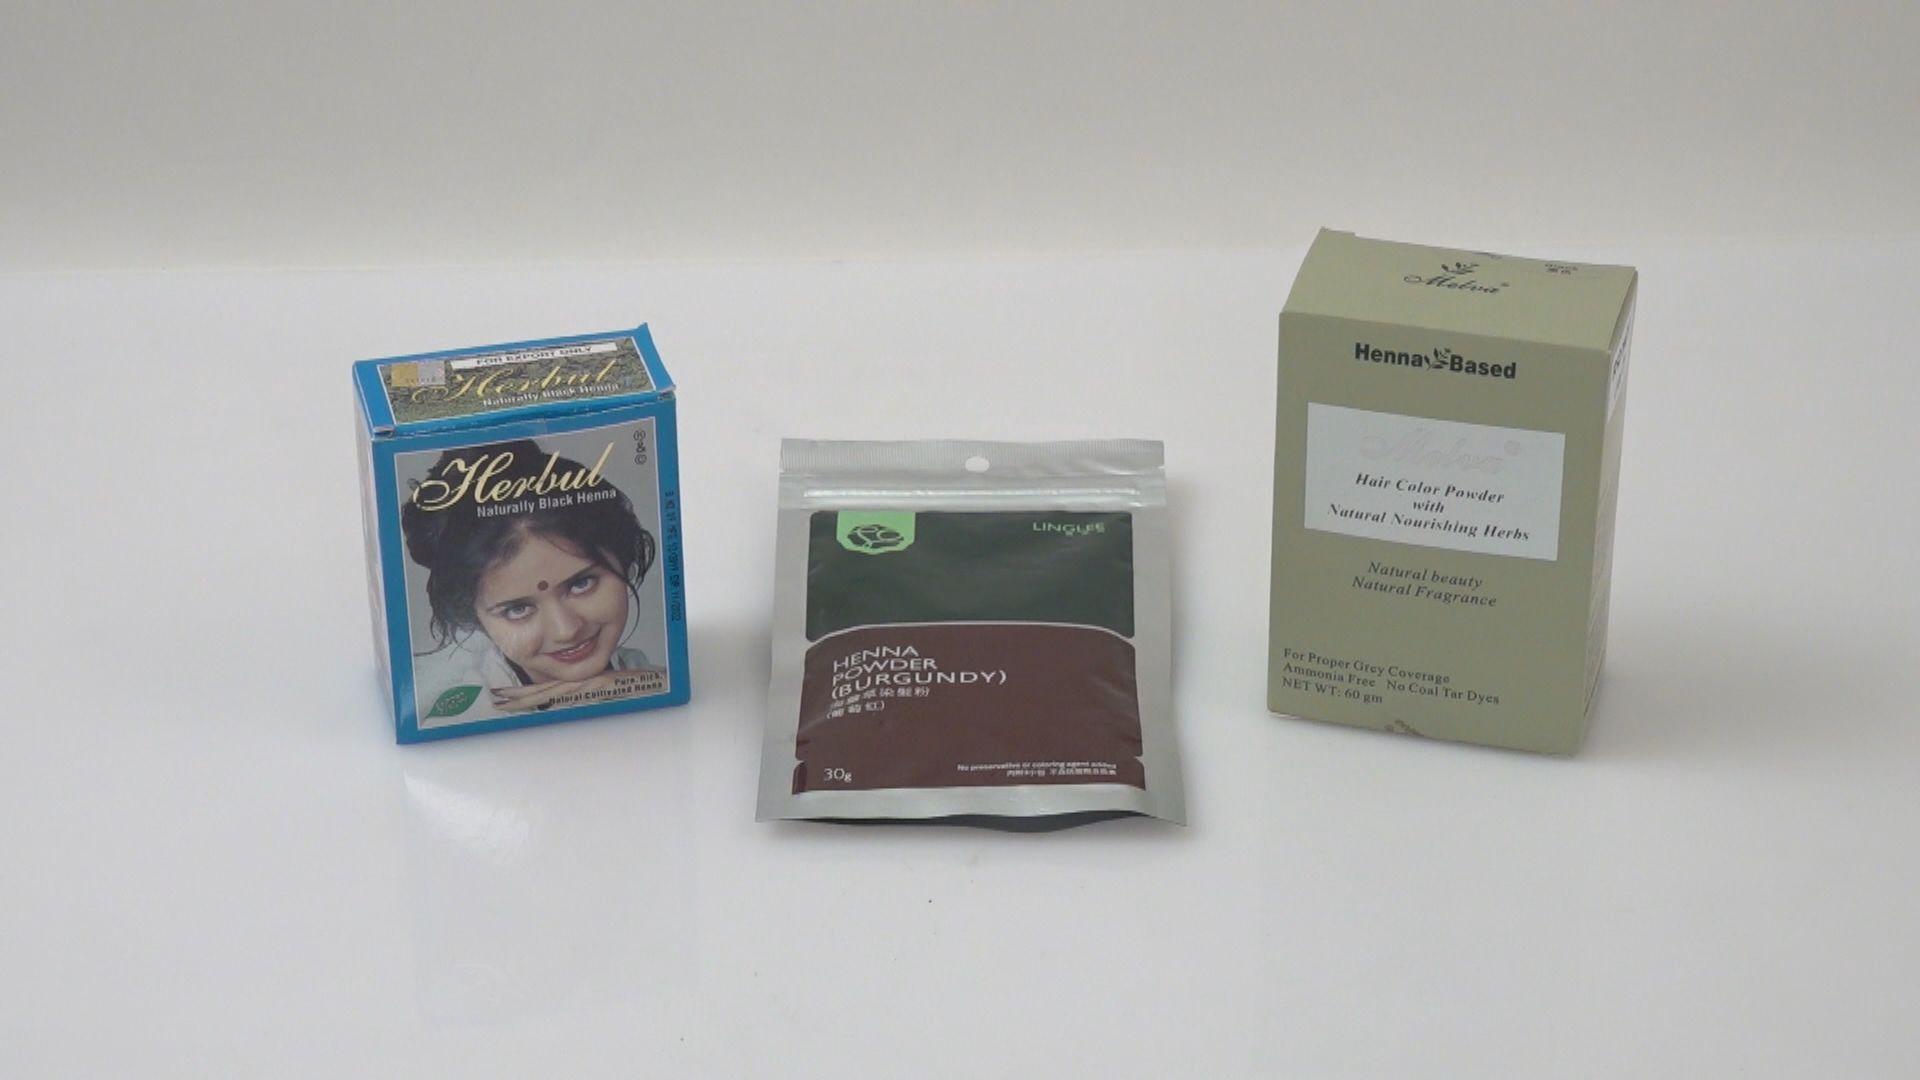 消委會:蠶豆症人士避免用草本海娜染髮粉免致嚴重溶血